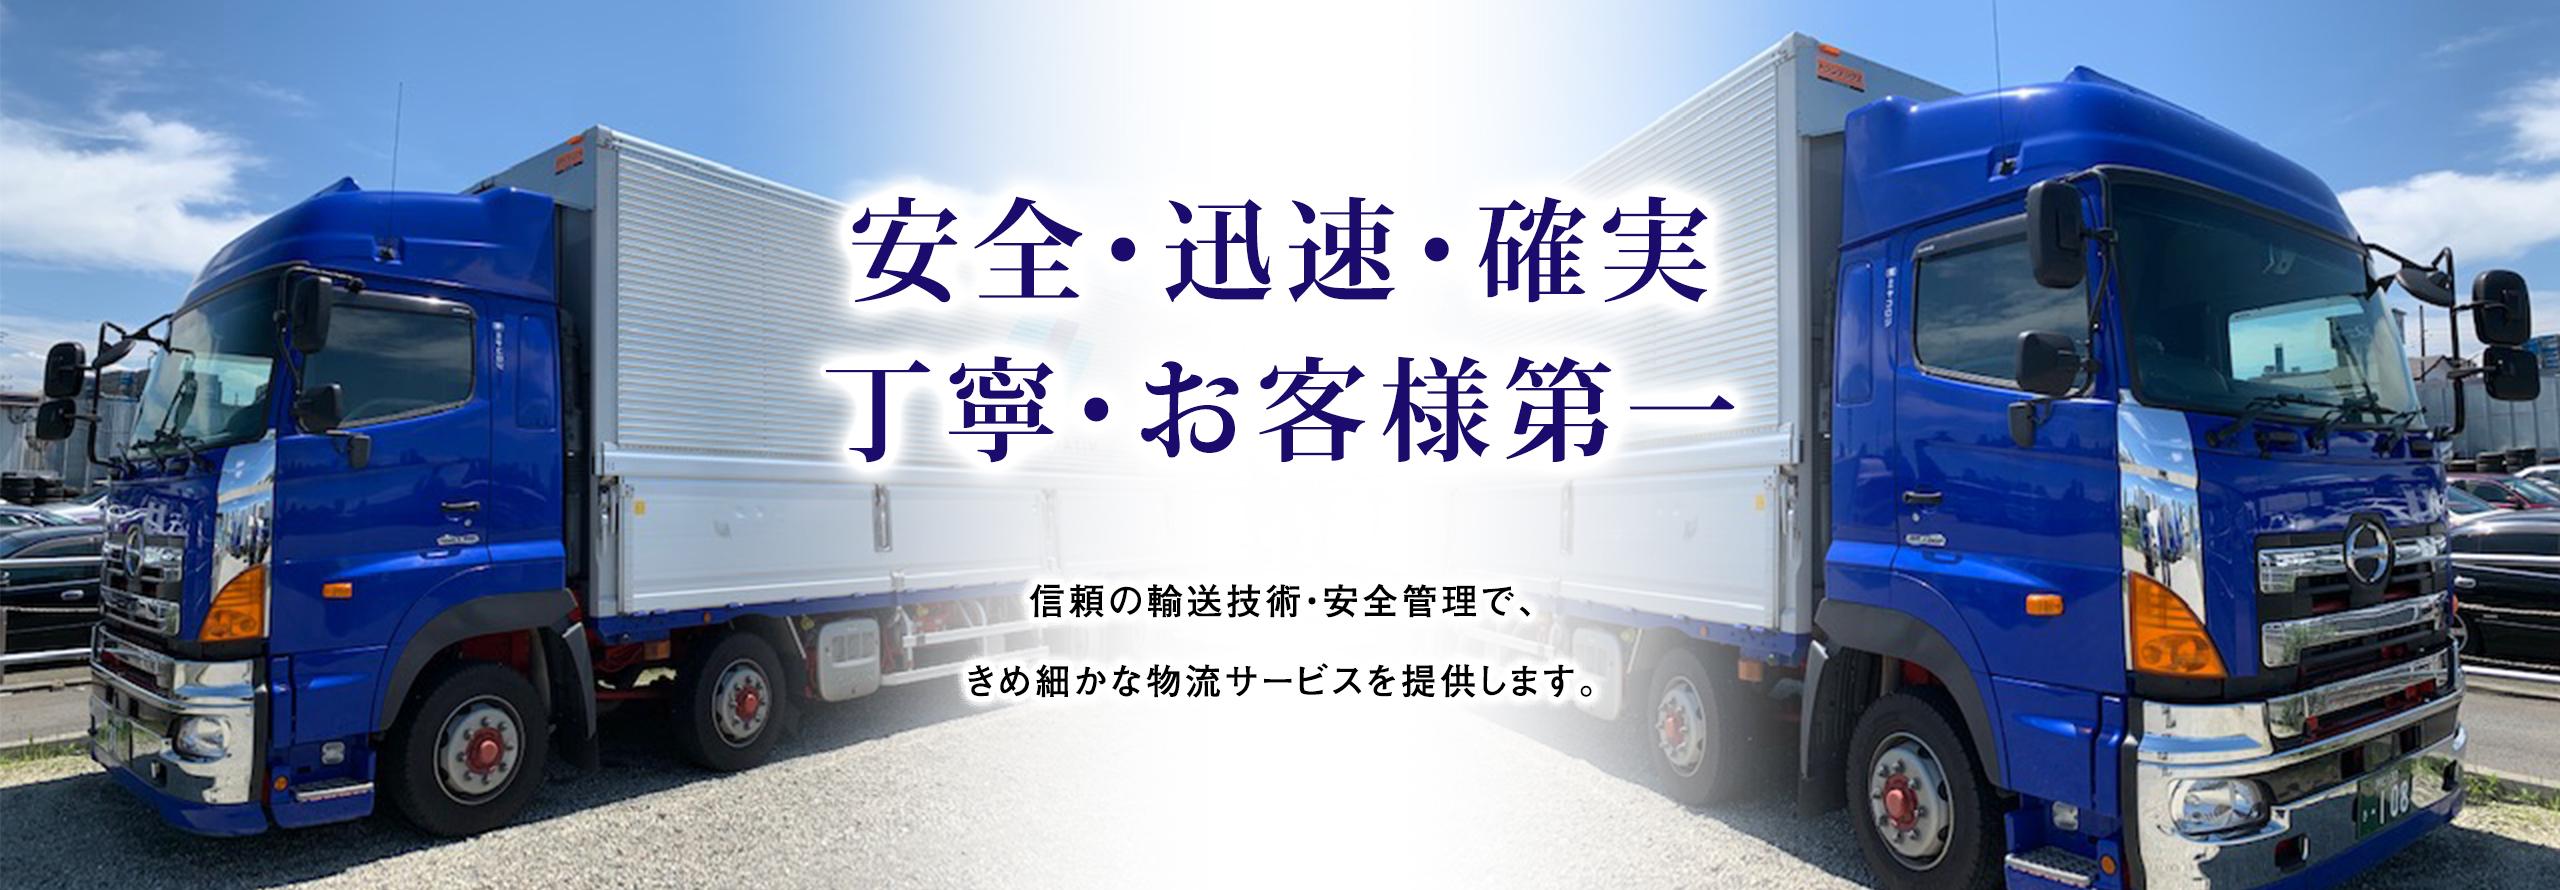 安全・迅速・確実・丁寧・お客様第一 信頼の輸送技術・安全管理で、きめ細かな物流サービスを提供します。